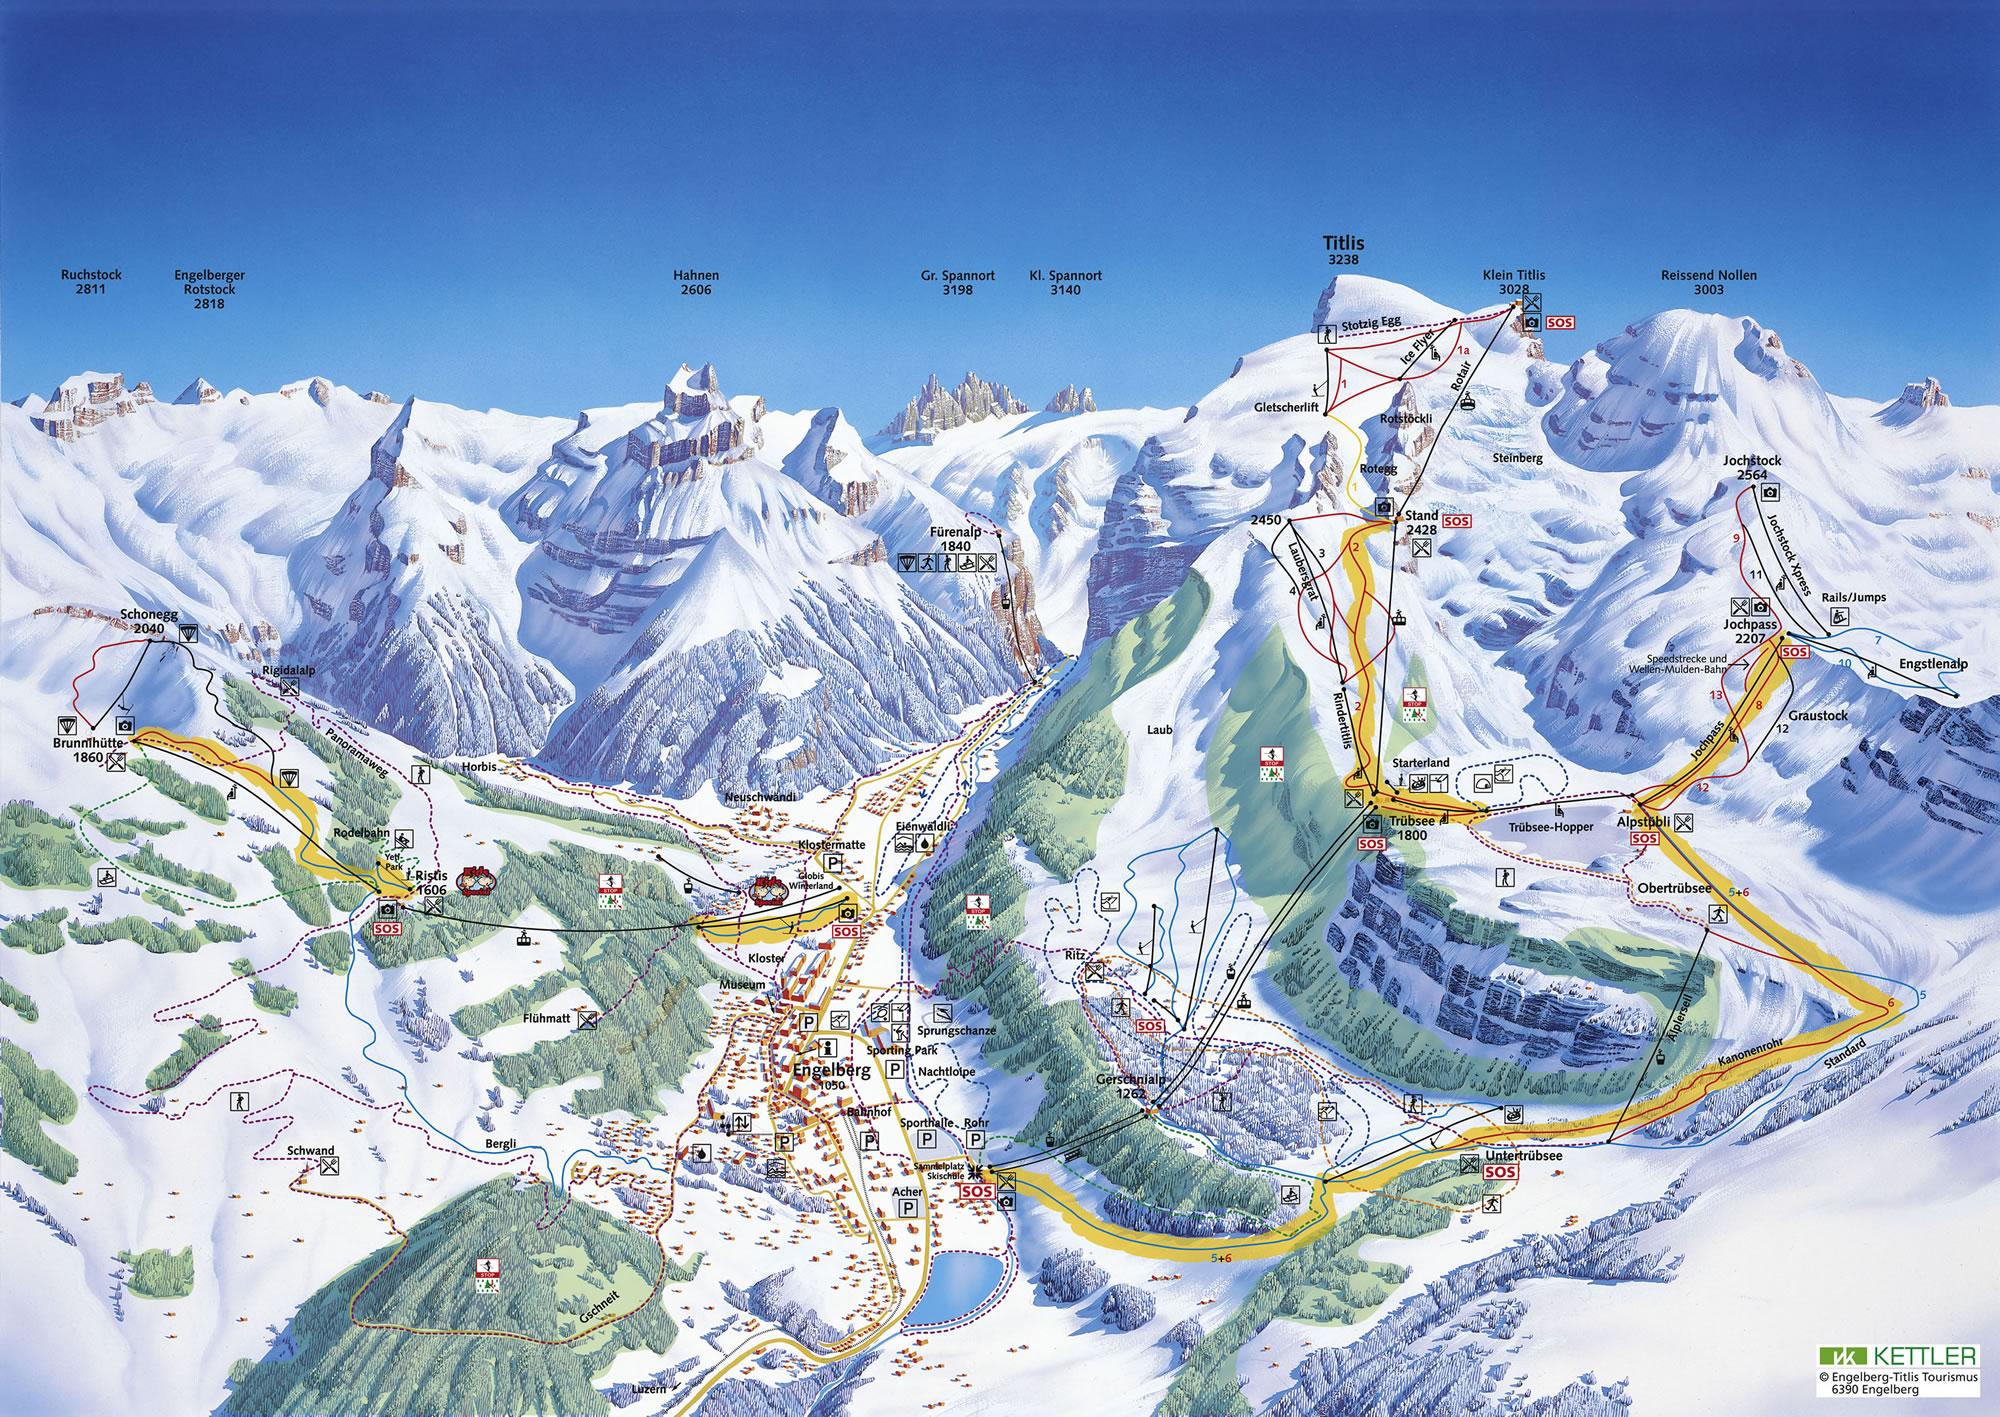 mapa pistas Engelberg-Titlis